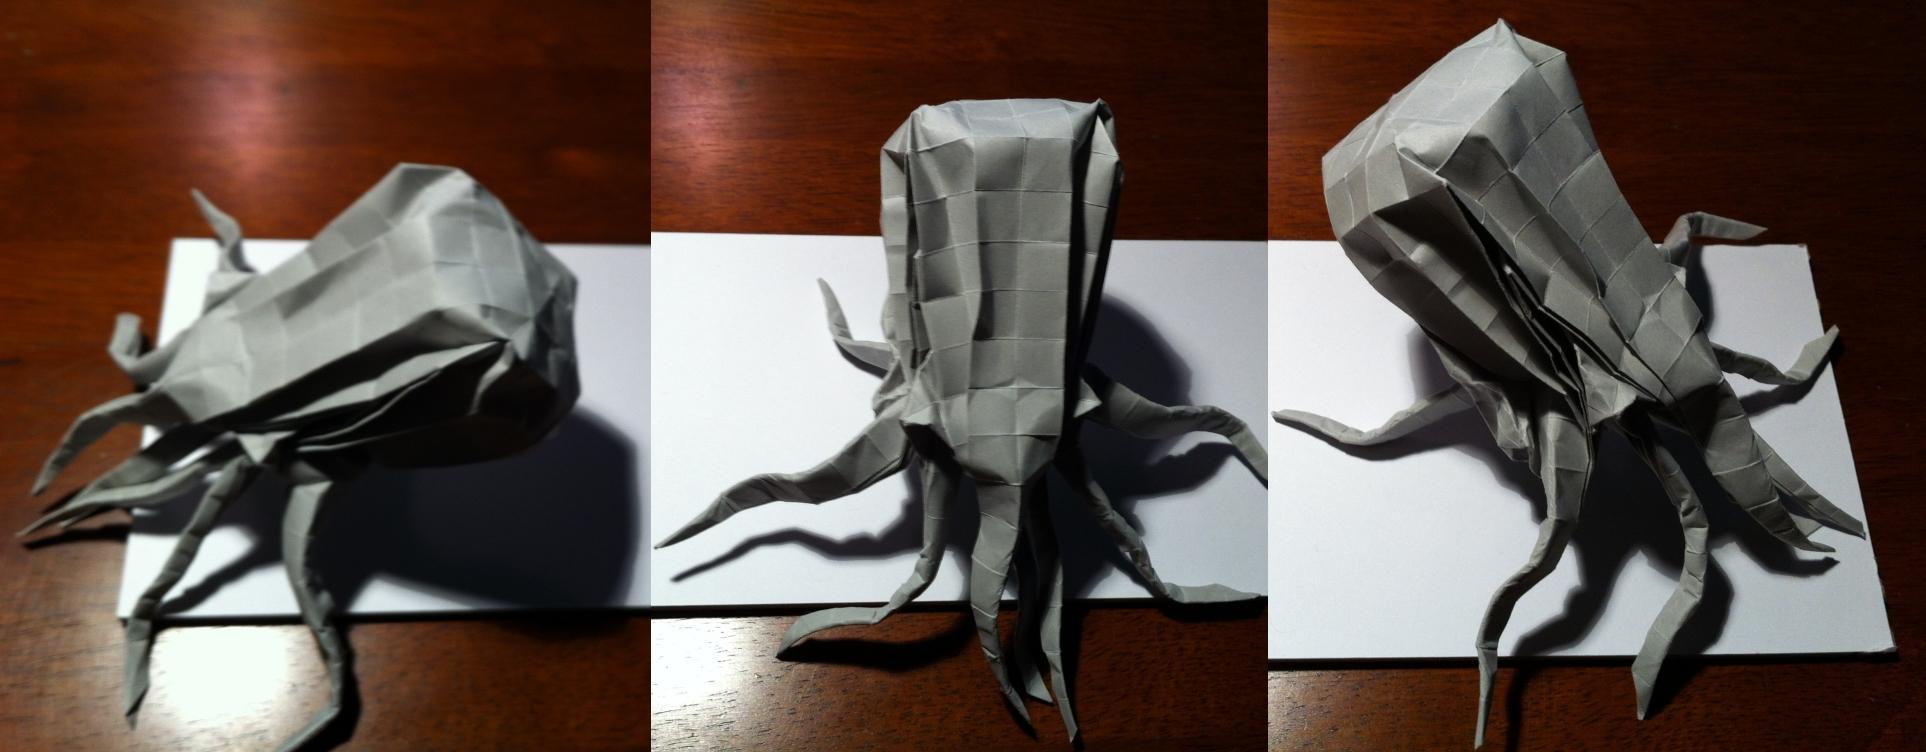 100 327 Best Kraken Octopus Images Origami